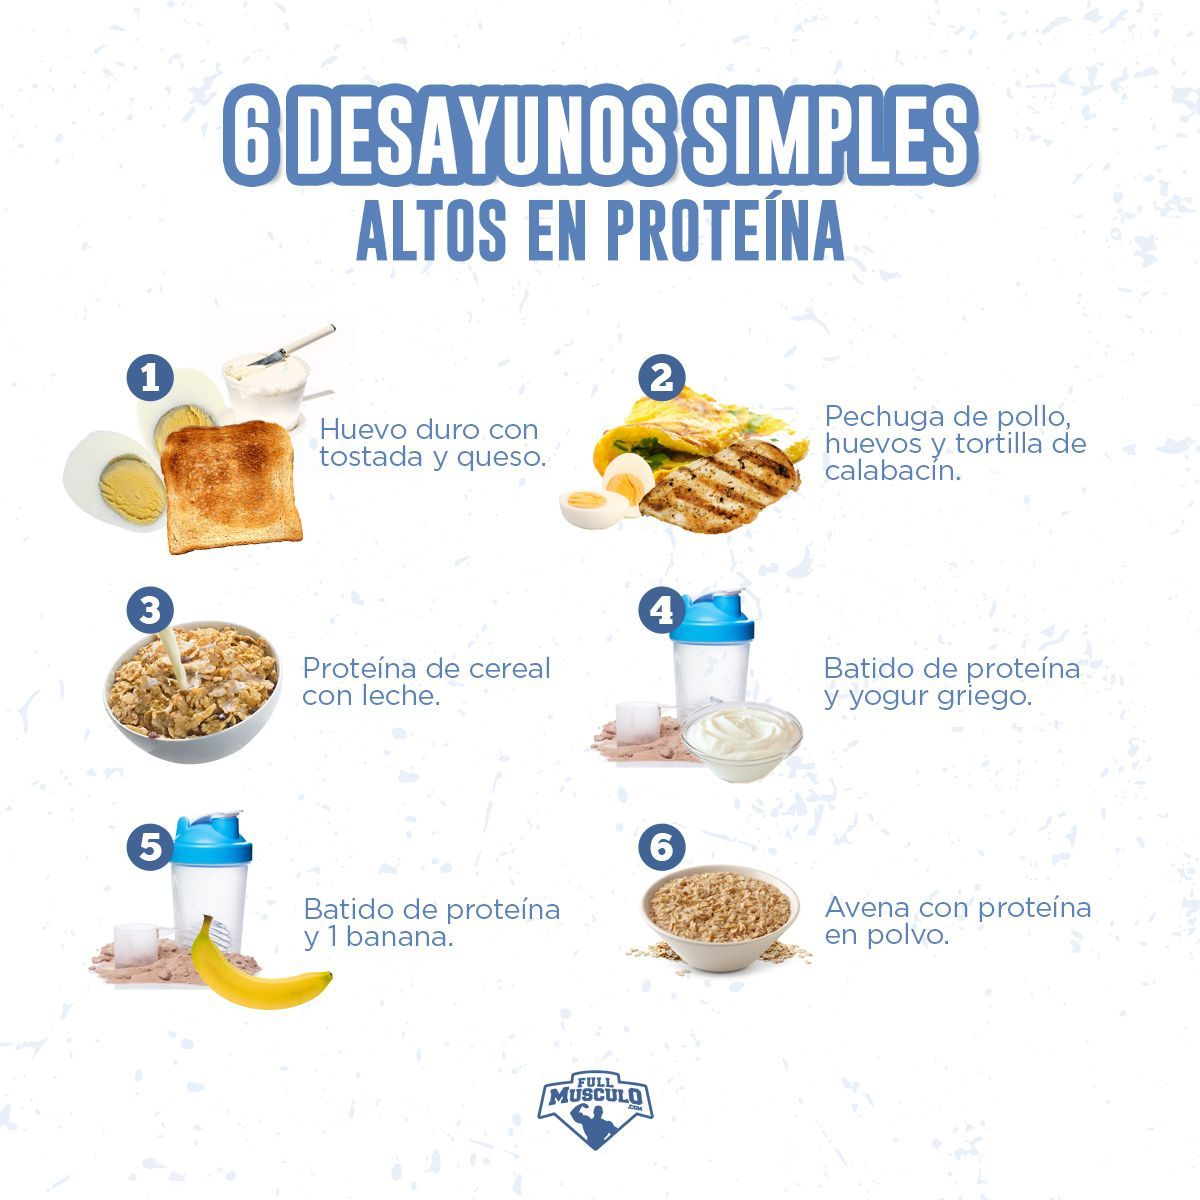 Wir geben Ihnen 6 Rezepte, damit Sie sich zu Hause ein paar einfache Frühstücke mit viel Eiweiß zube...